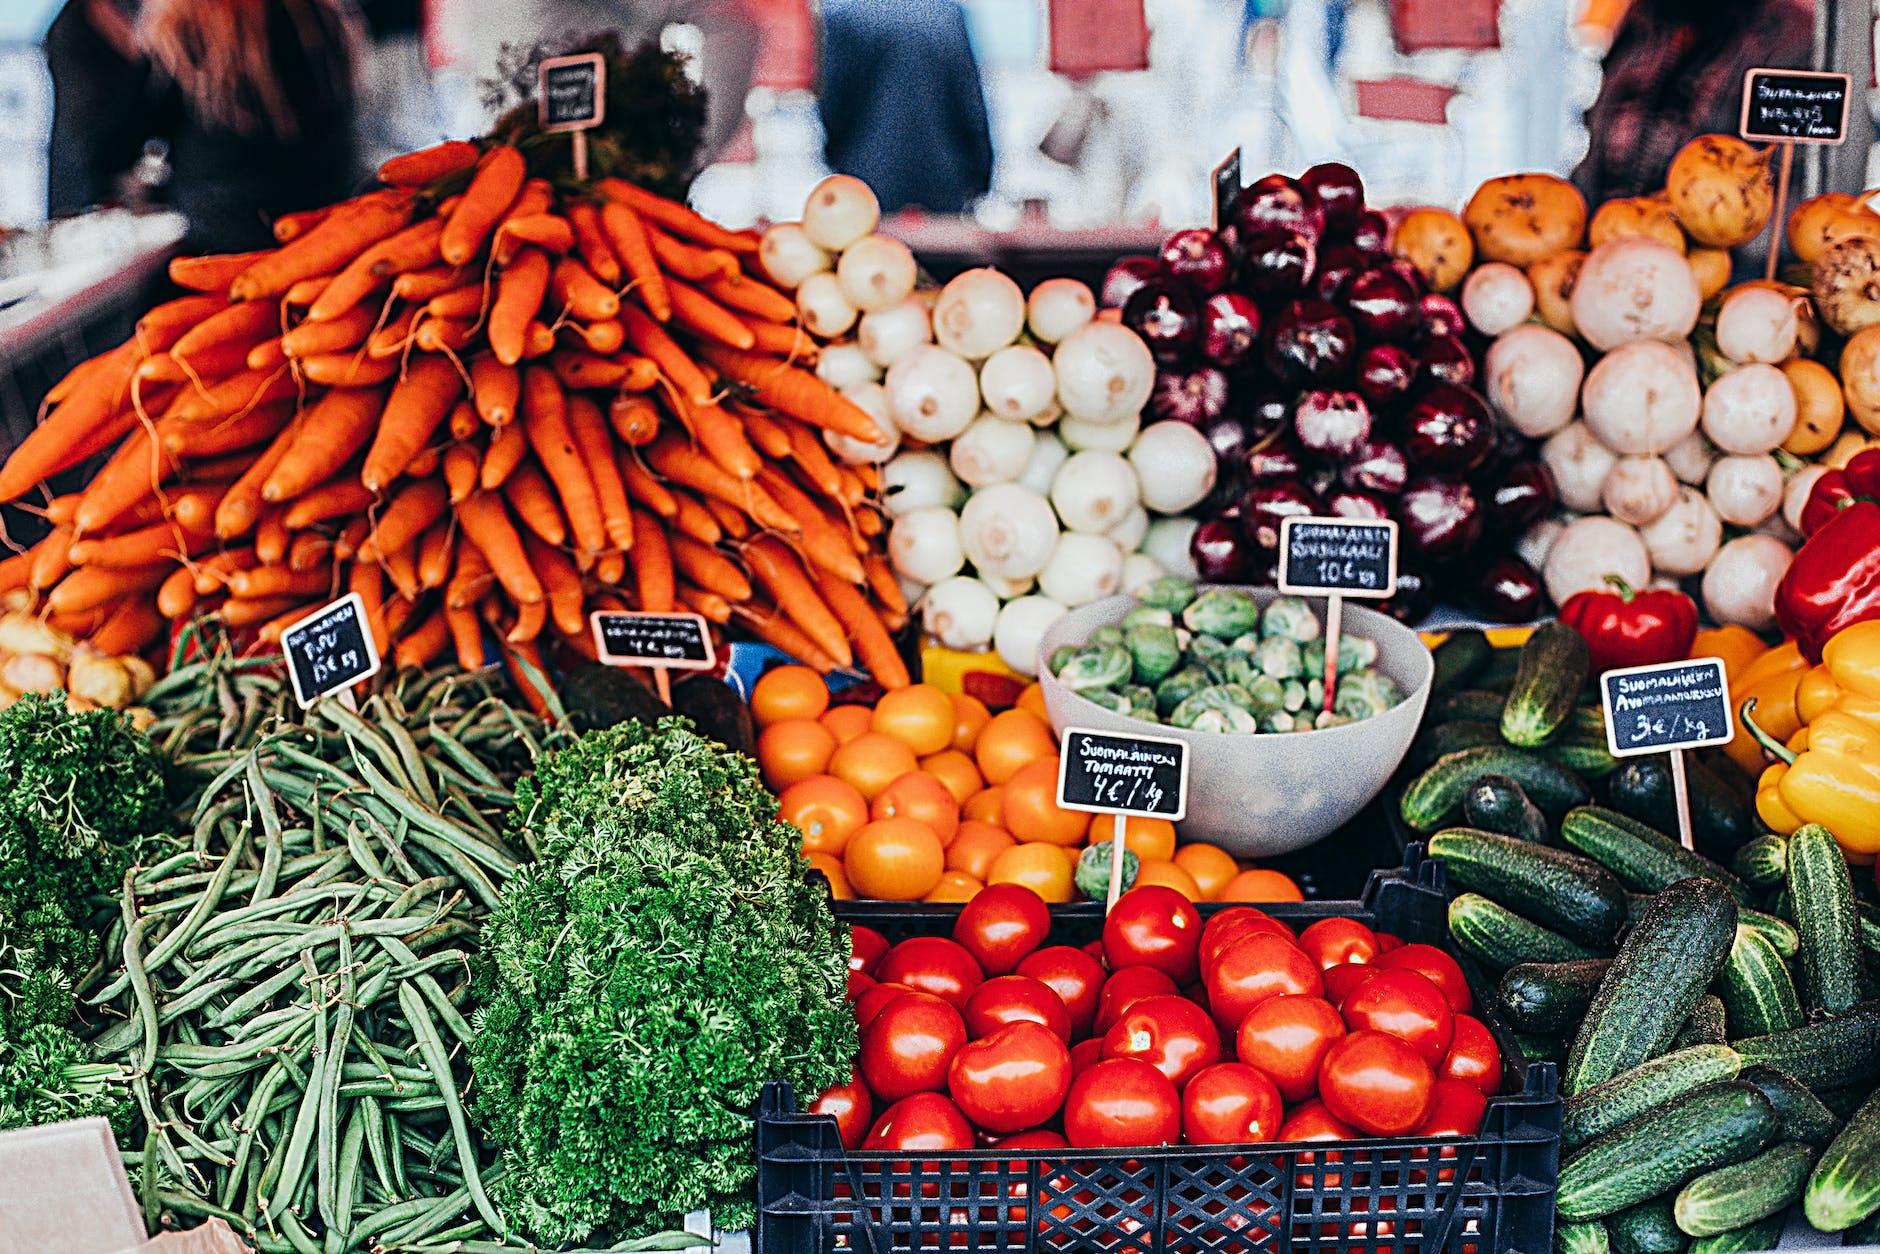 jak wrócić do bycia fit i zdrowego odżywiania